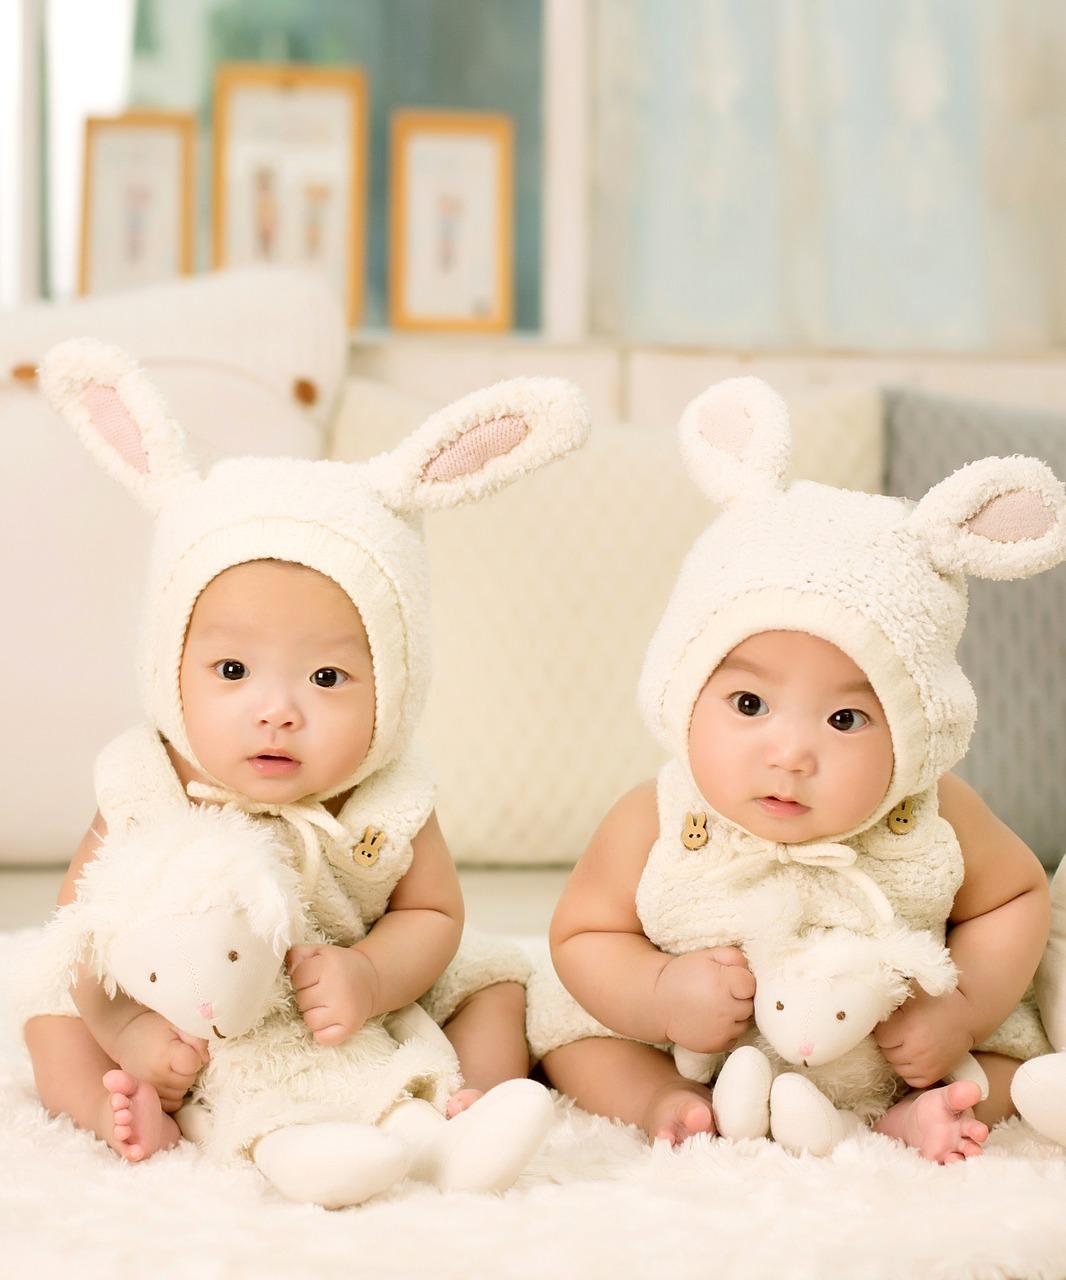 【異端科学】賀建奎「人類で初めて遺伝子編集された赤ちゃんを作成」